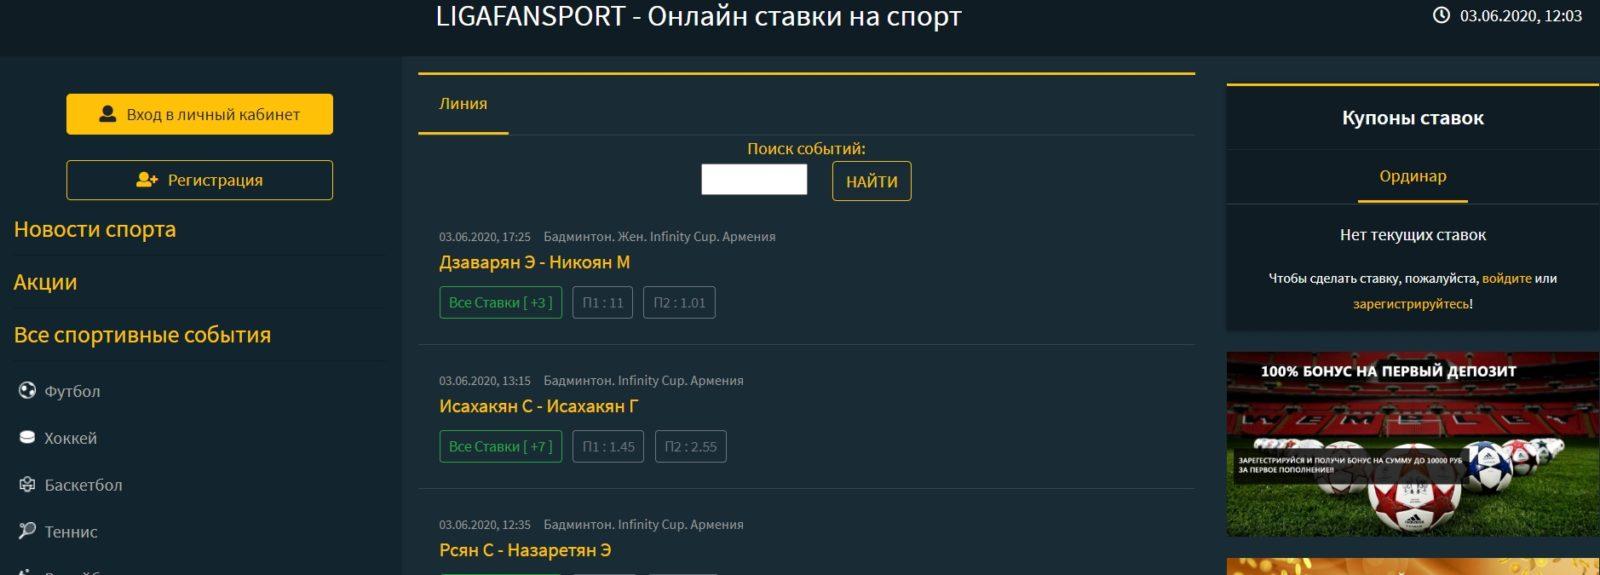 Главная страница сайта Лигафанспорт(Ligafansport)